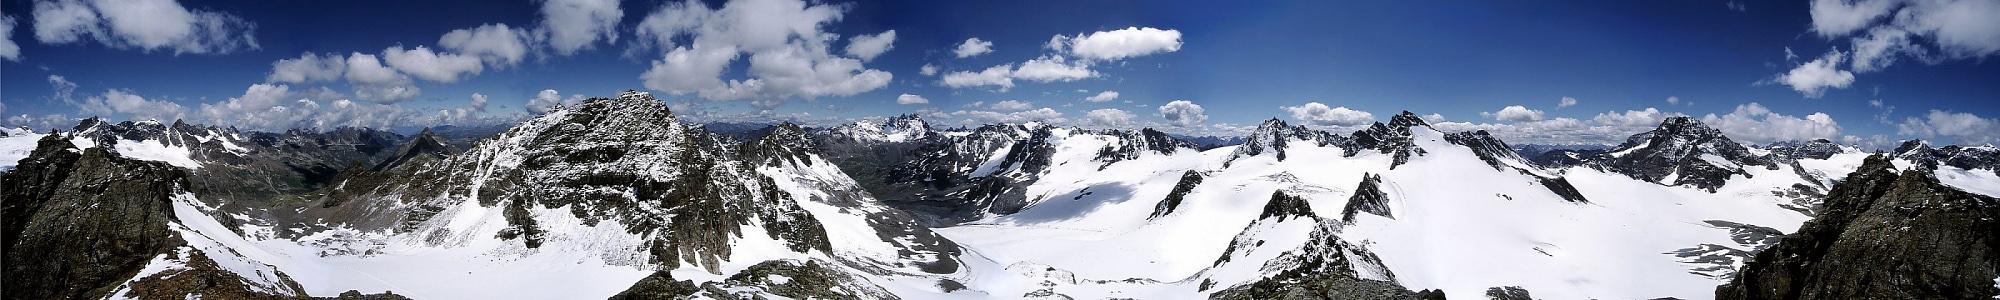 初三 世界地理知識: 新西蘭-阿爾卑斯山